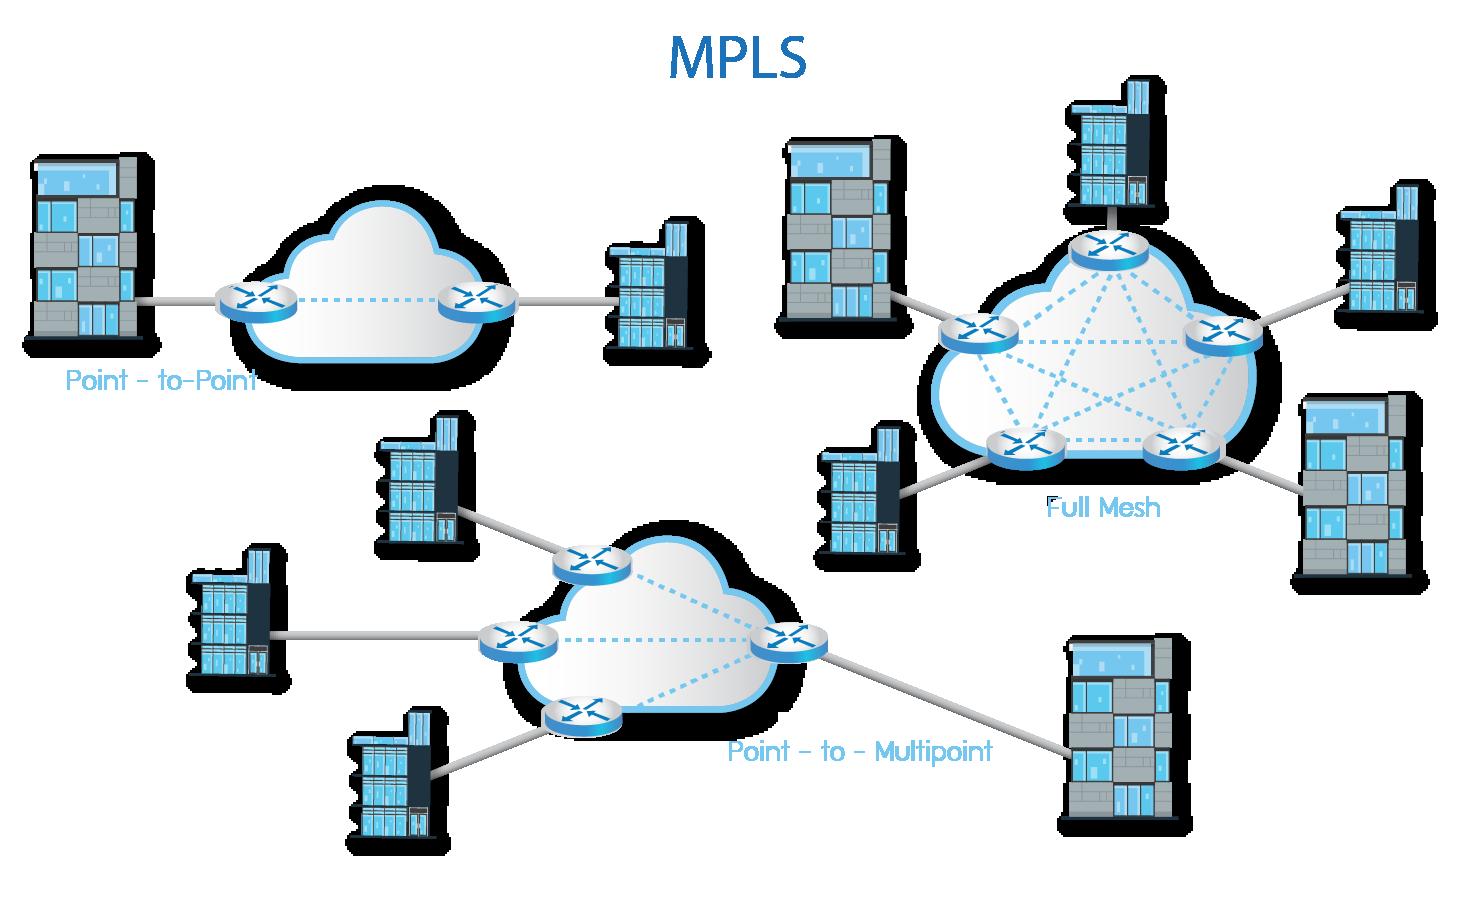 Mpls Network Diagram Uih Mpls